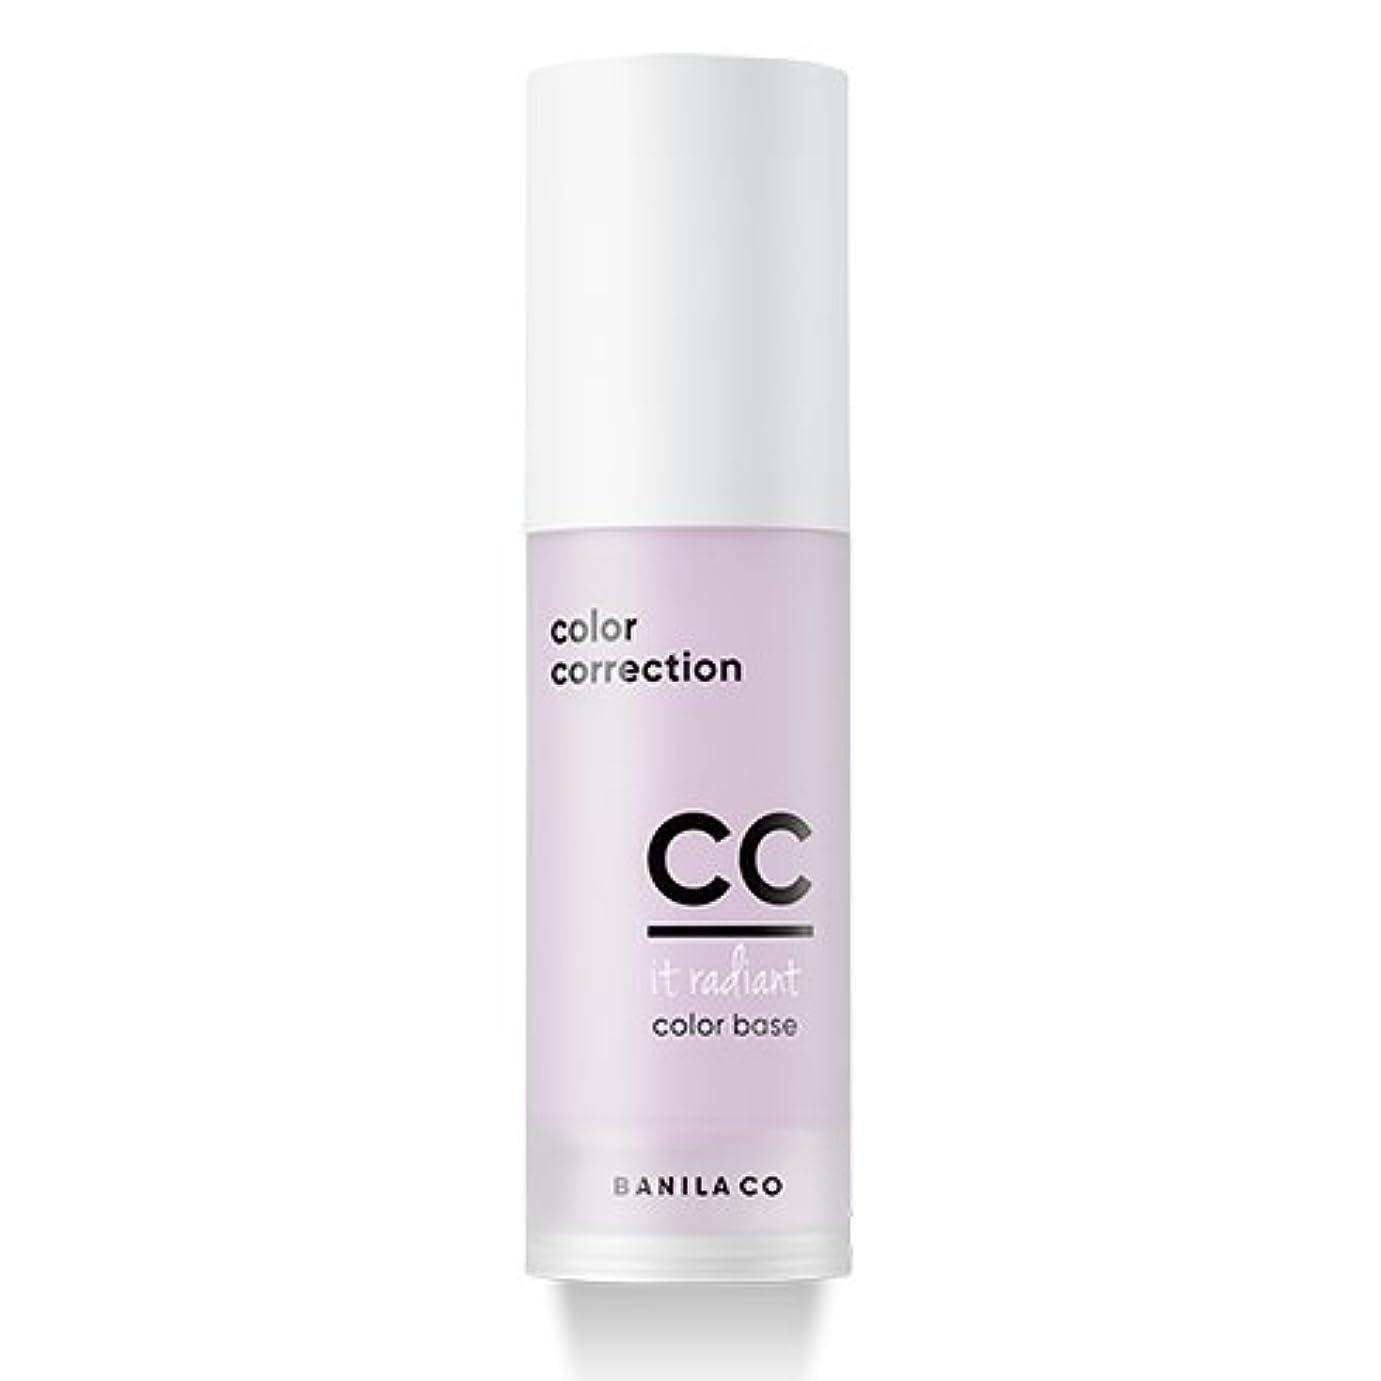 新しい意味暴露する中国BANILA CO It Radiant CC Color Base 30ml/バニラコ イット ラディアント CC カラー ベース 30ml (#Lavender) [並行輸入品]